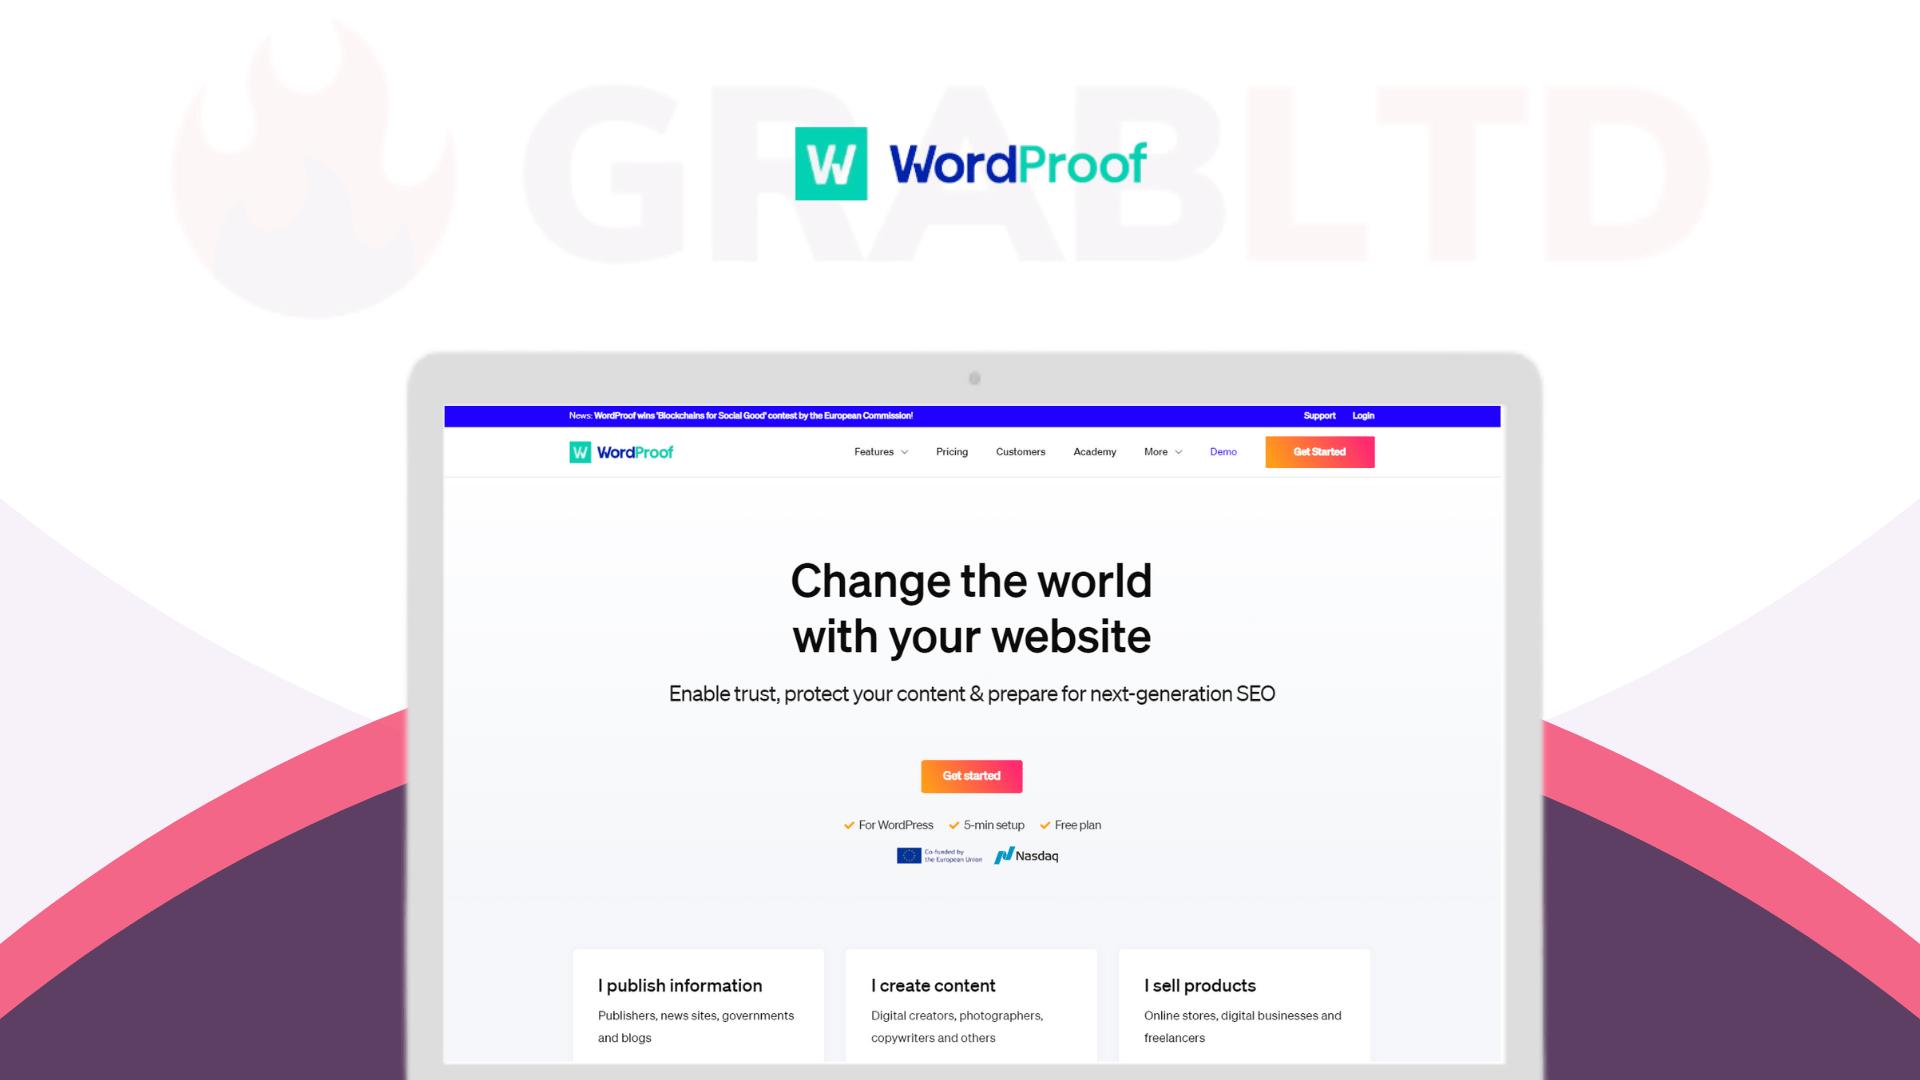 wordproof Lifetime Software Deal